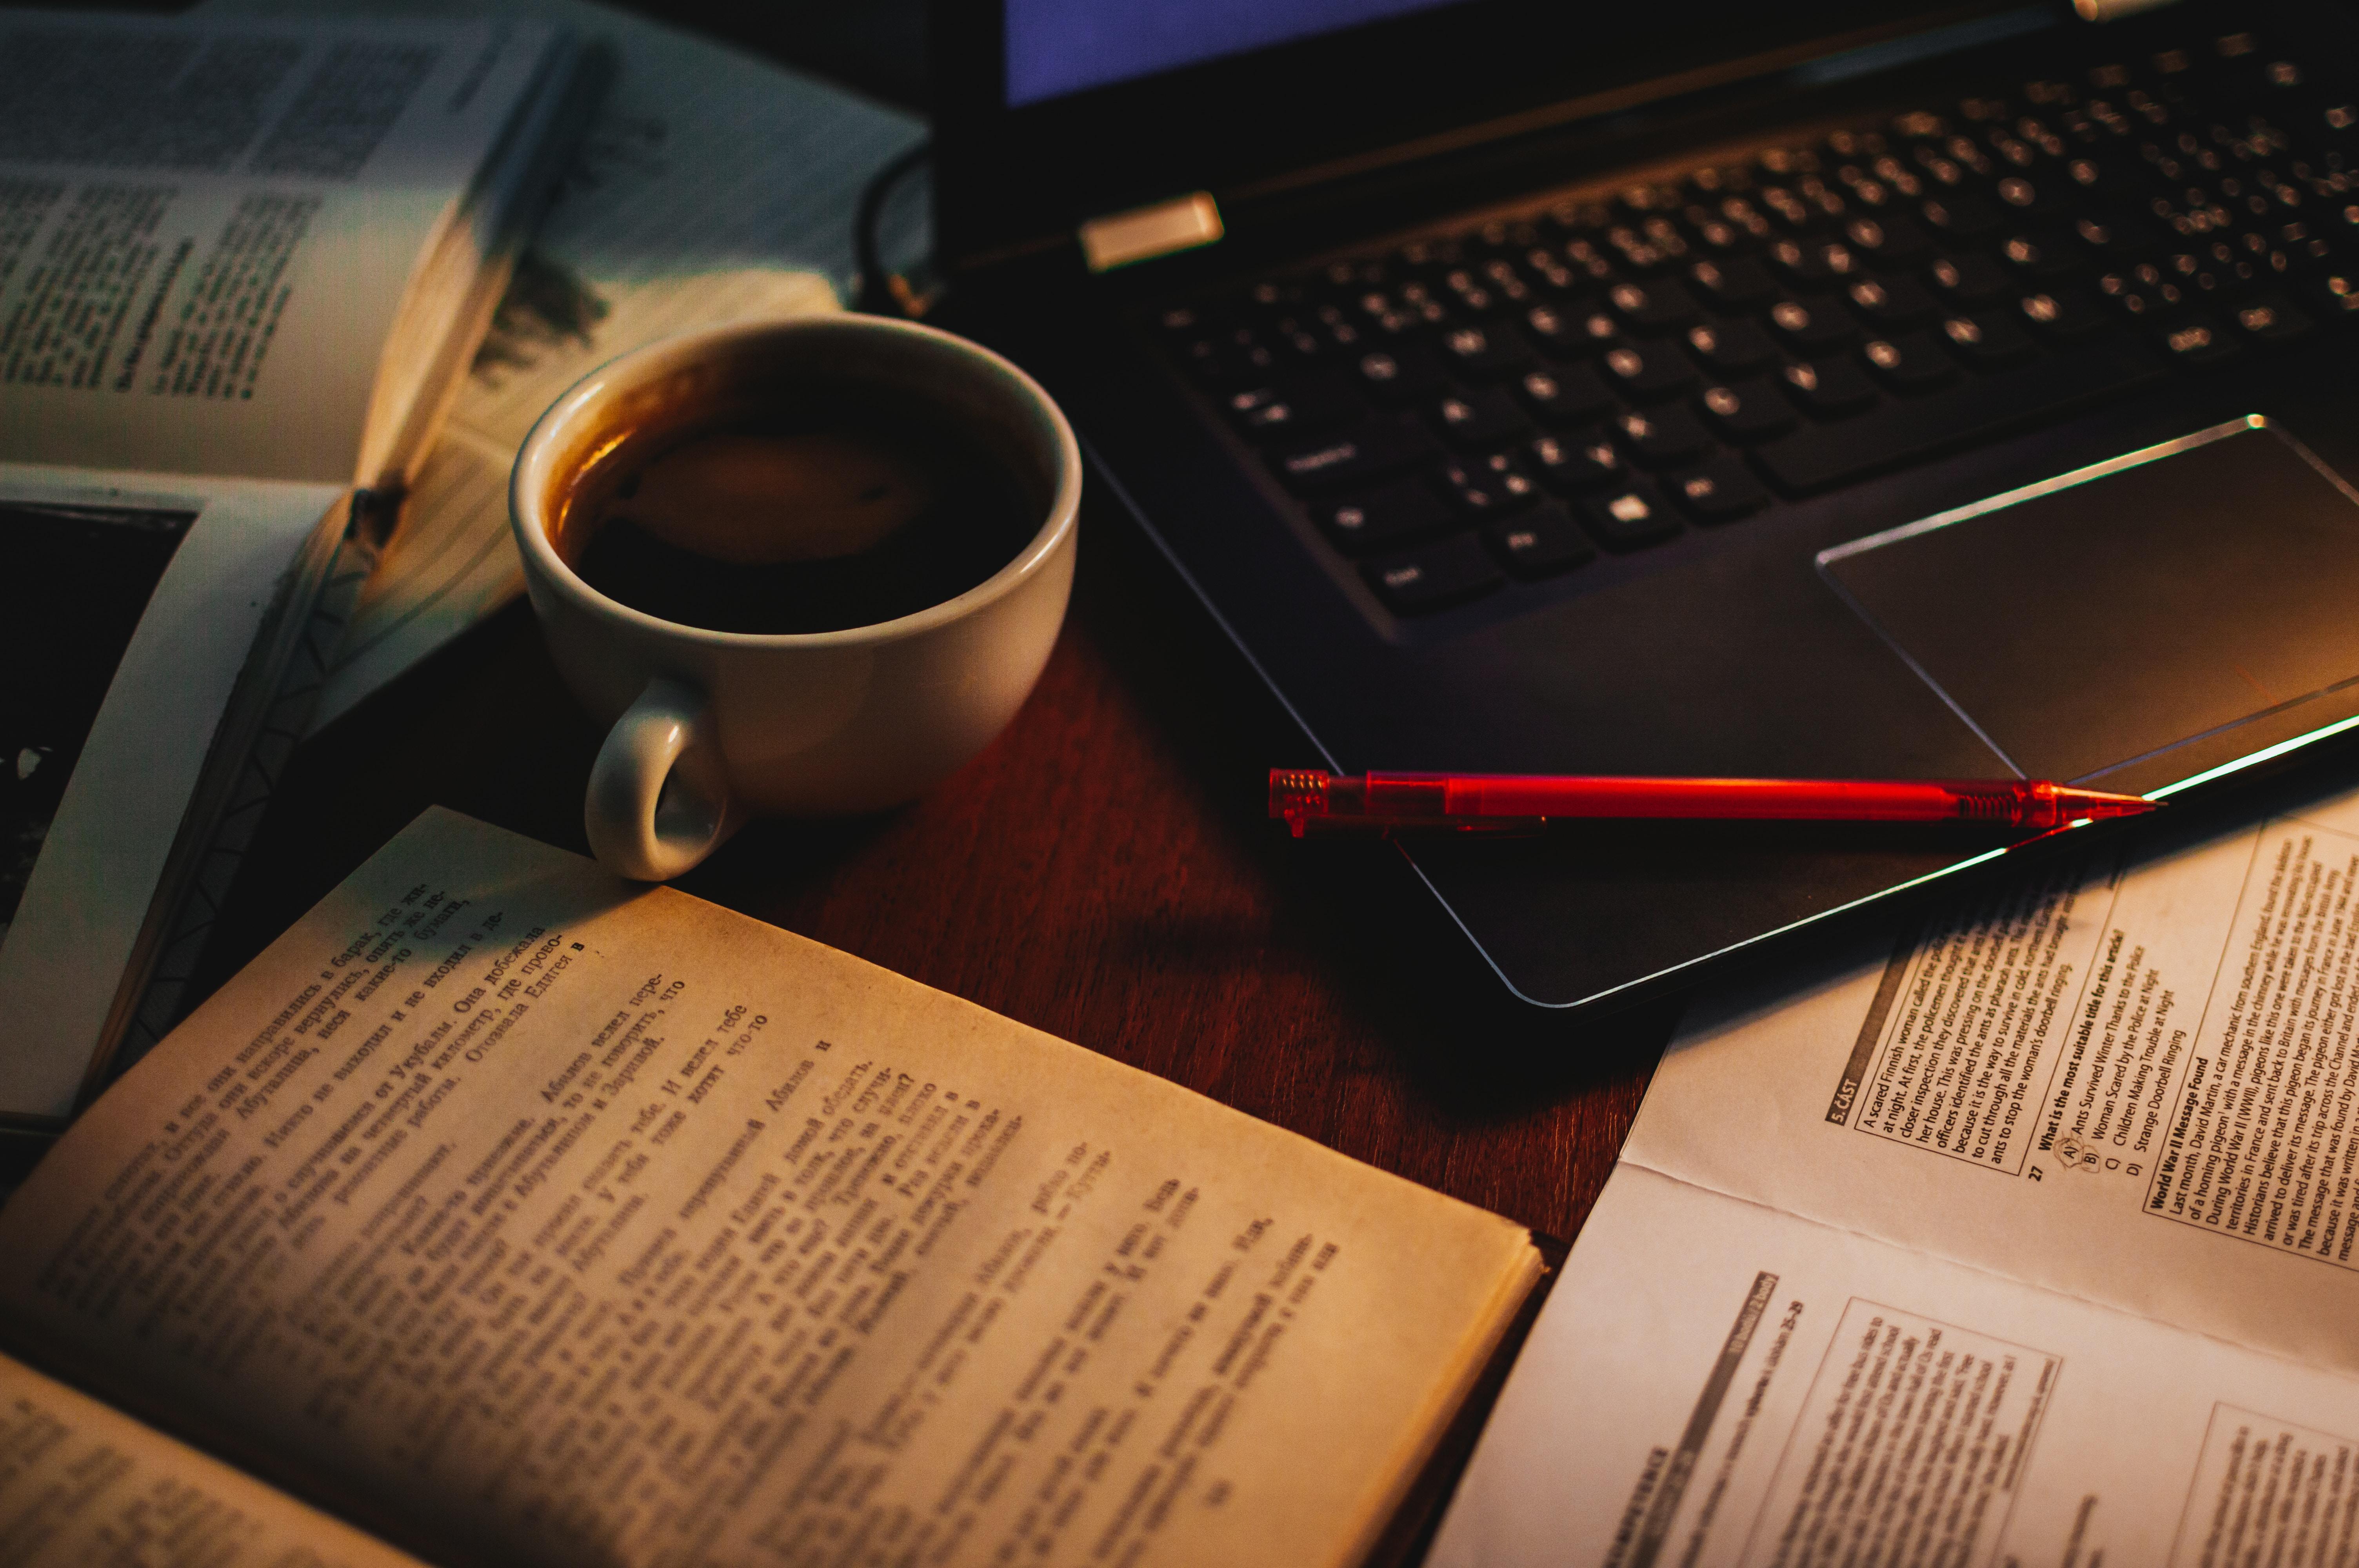 110880 Hintergrundbild herunterladen Bücher, Coffee, Verschiedenes, Sonstige, Eine Tasse, Tasse, Notizbuch, Griff, Stift, Laptop - Bildschirmschoner und Bilder kostenlos